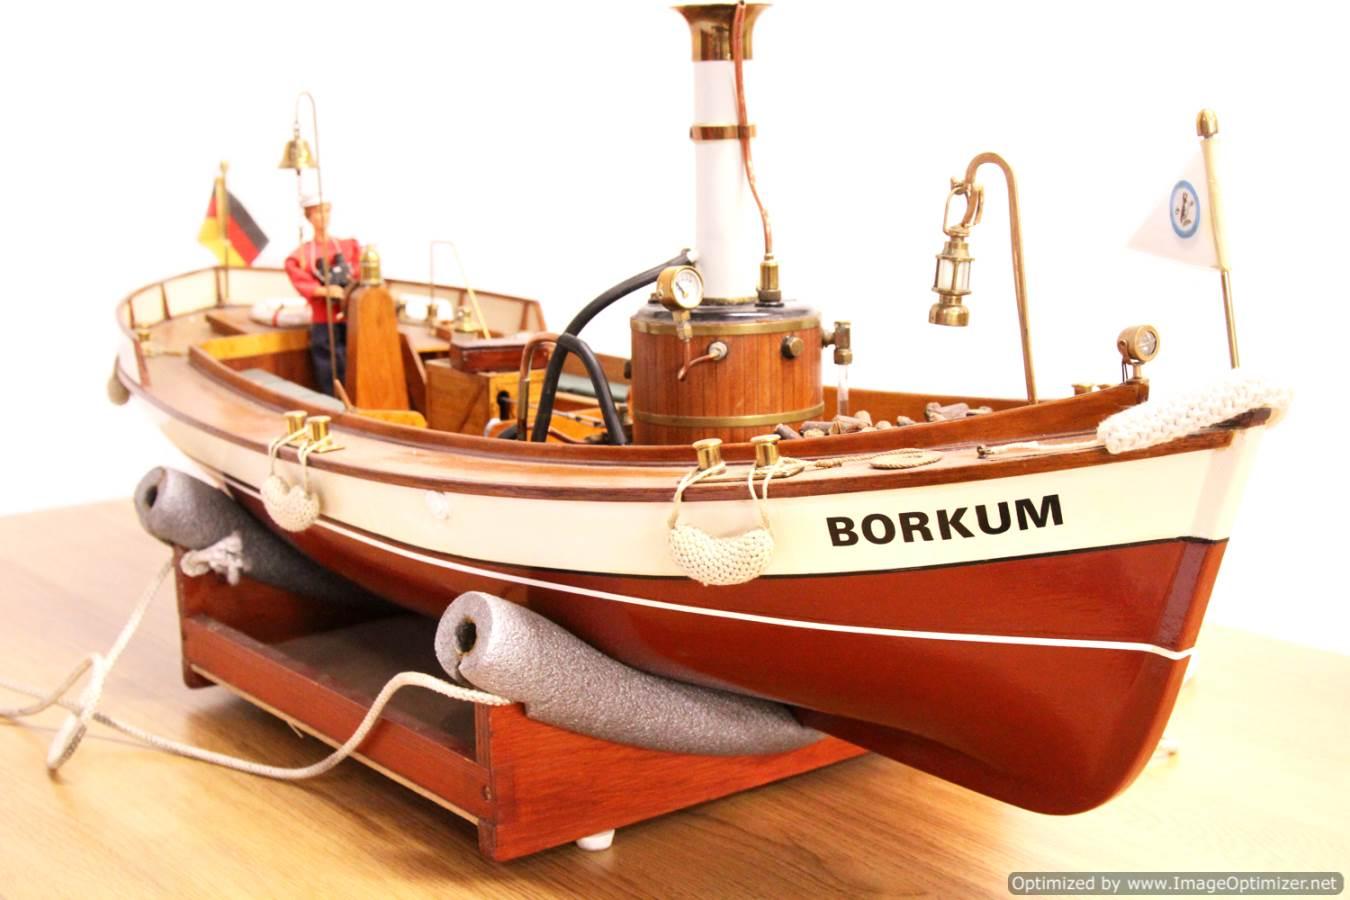 test bockrum-cheddar-steam-boat-live-steam-model-for-sale-19-optimized